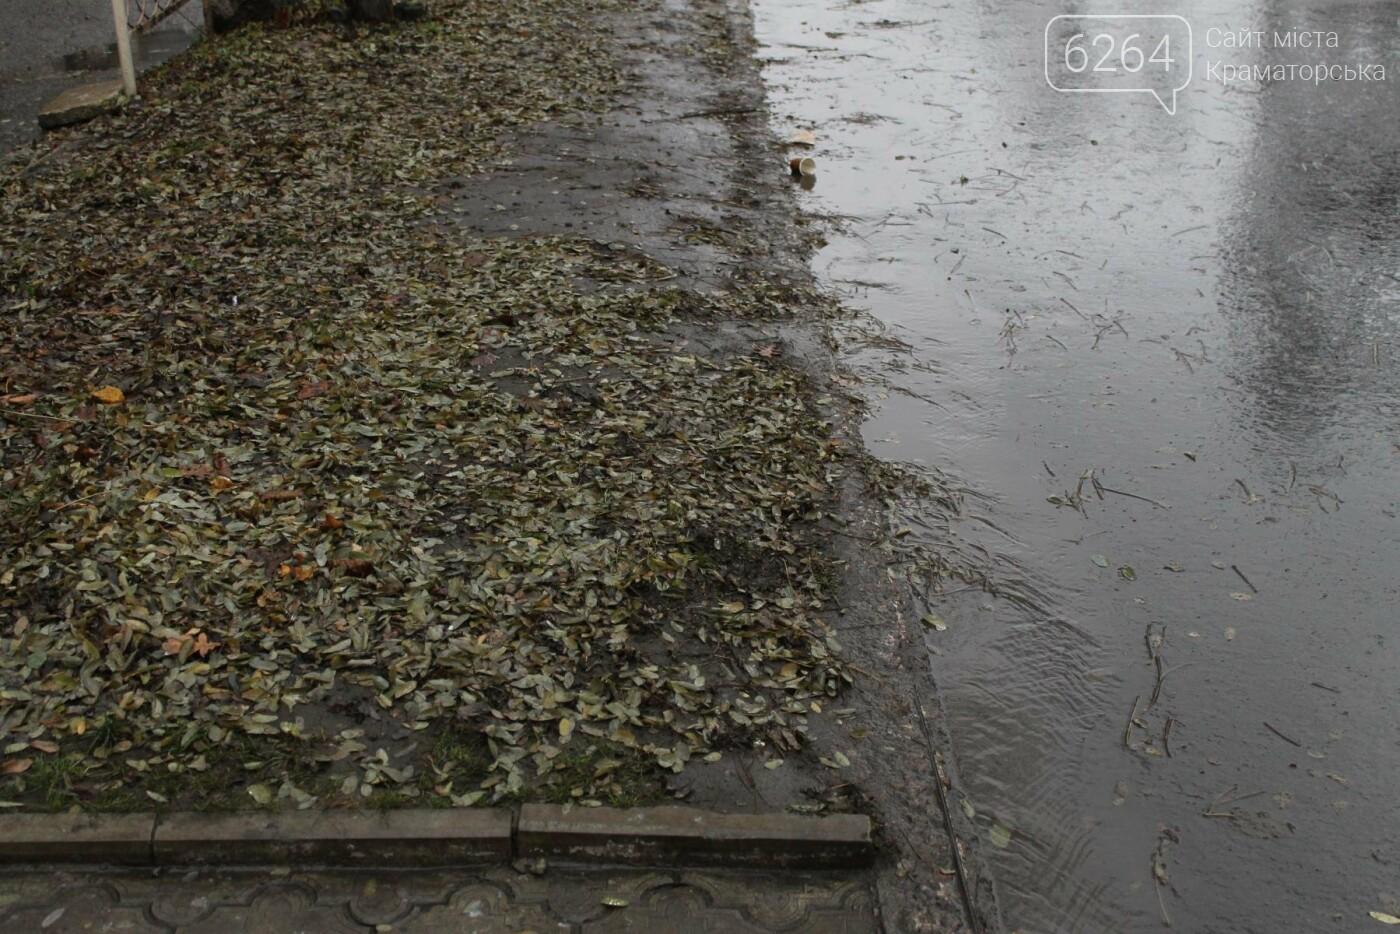 Краматорские коммунальщики не справляются с листвой на городских улицах, фото-1